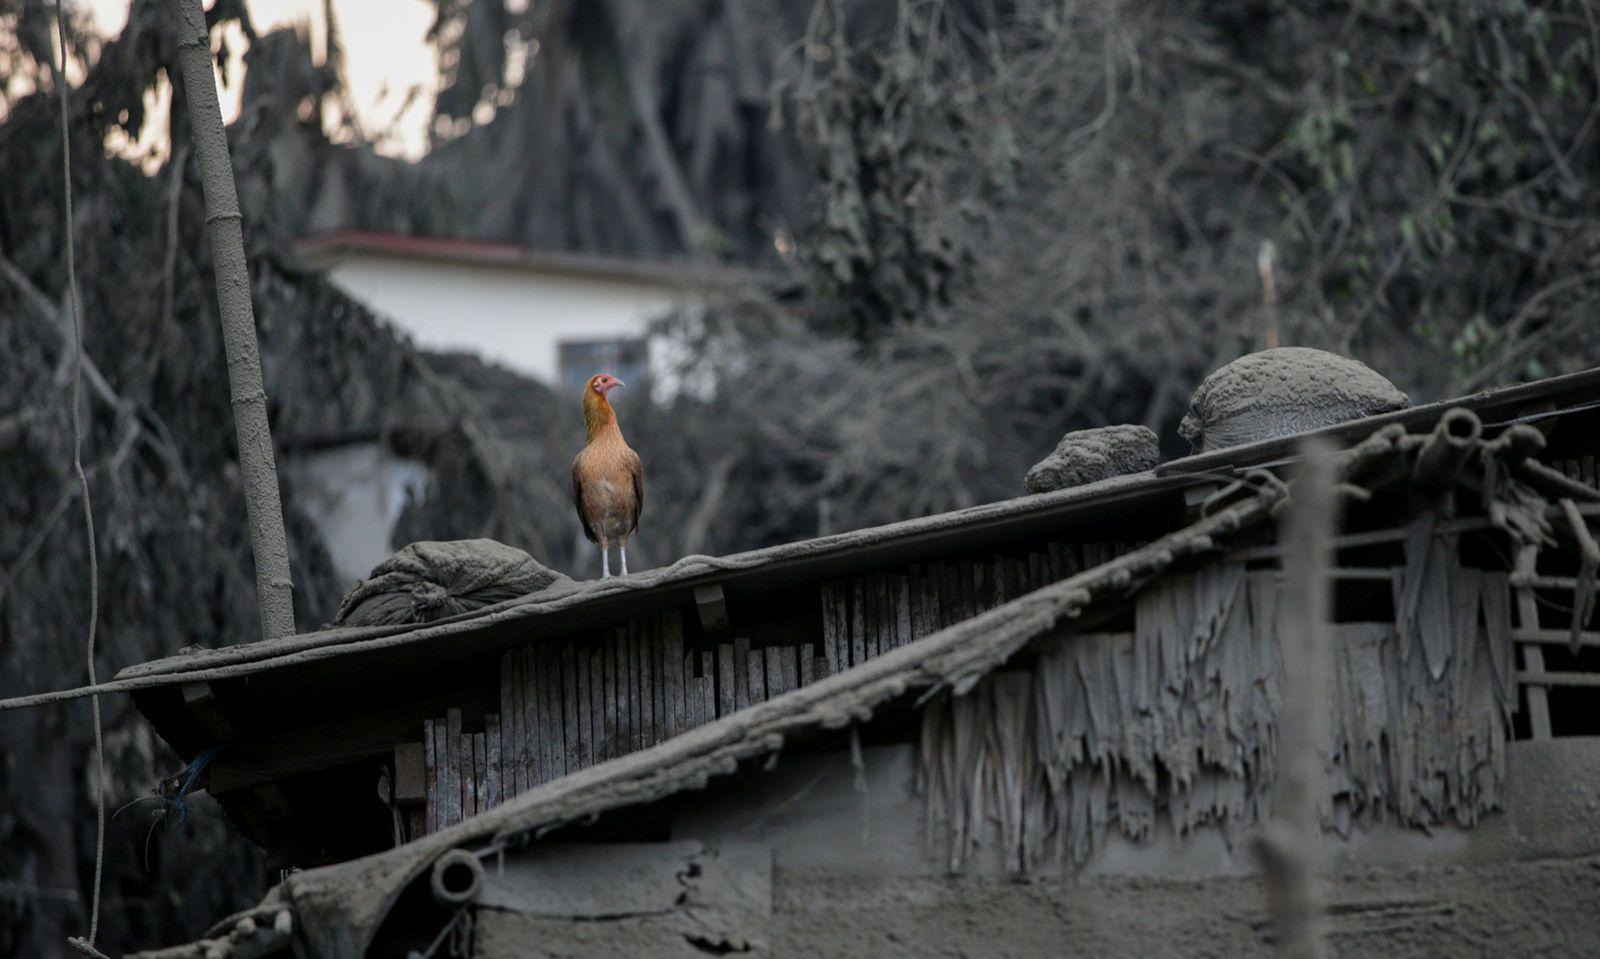 Ein Vogel sitzt auf einem von Asche bedeckten Hausdach, nachdem der Vulkan Taal auf den Philippinen Lava gespuckt hat.